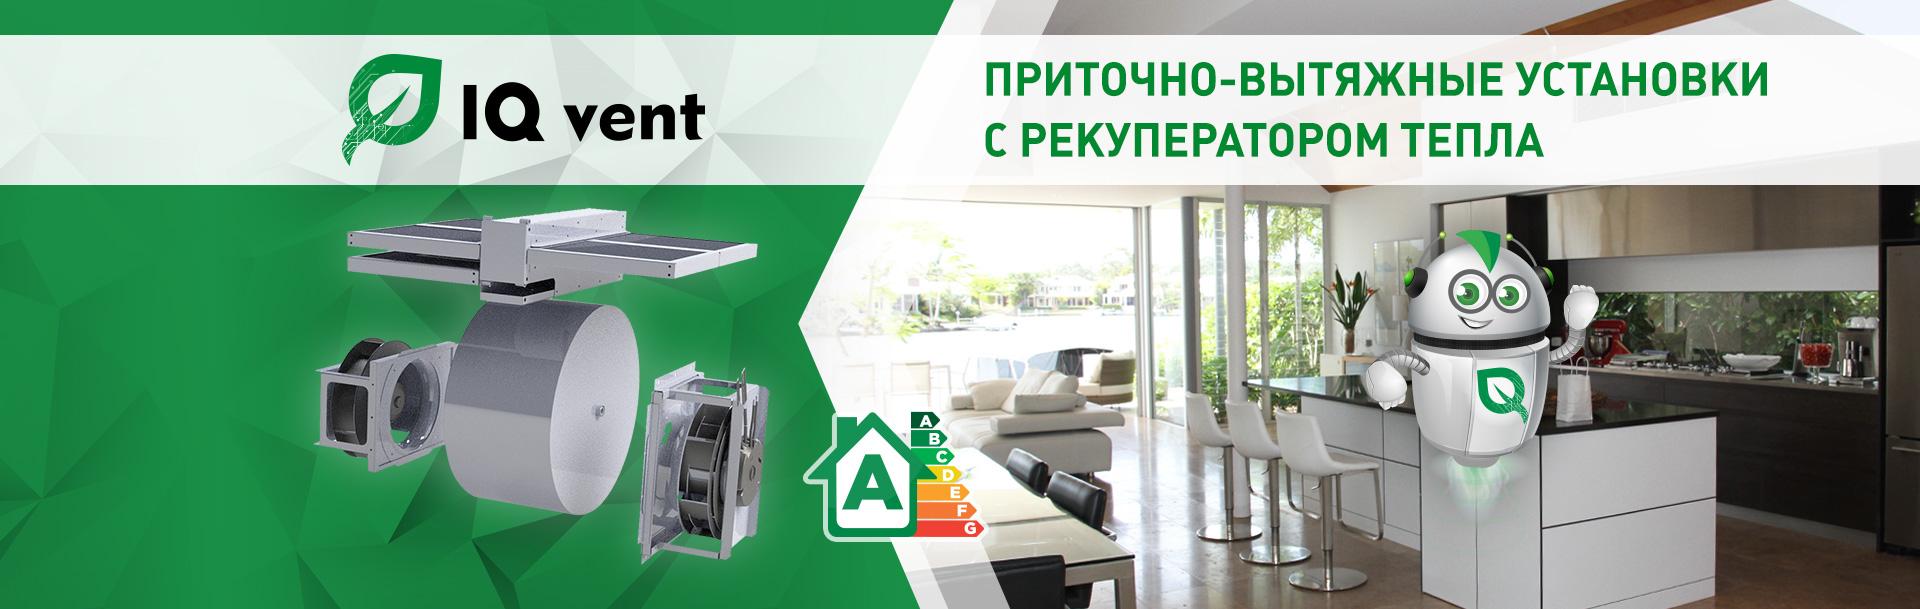 Приточно-вытяжные установки с рекуперацией тепла IQvent